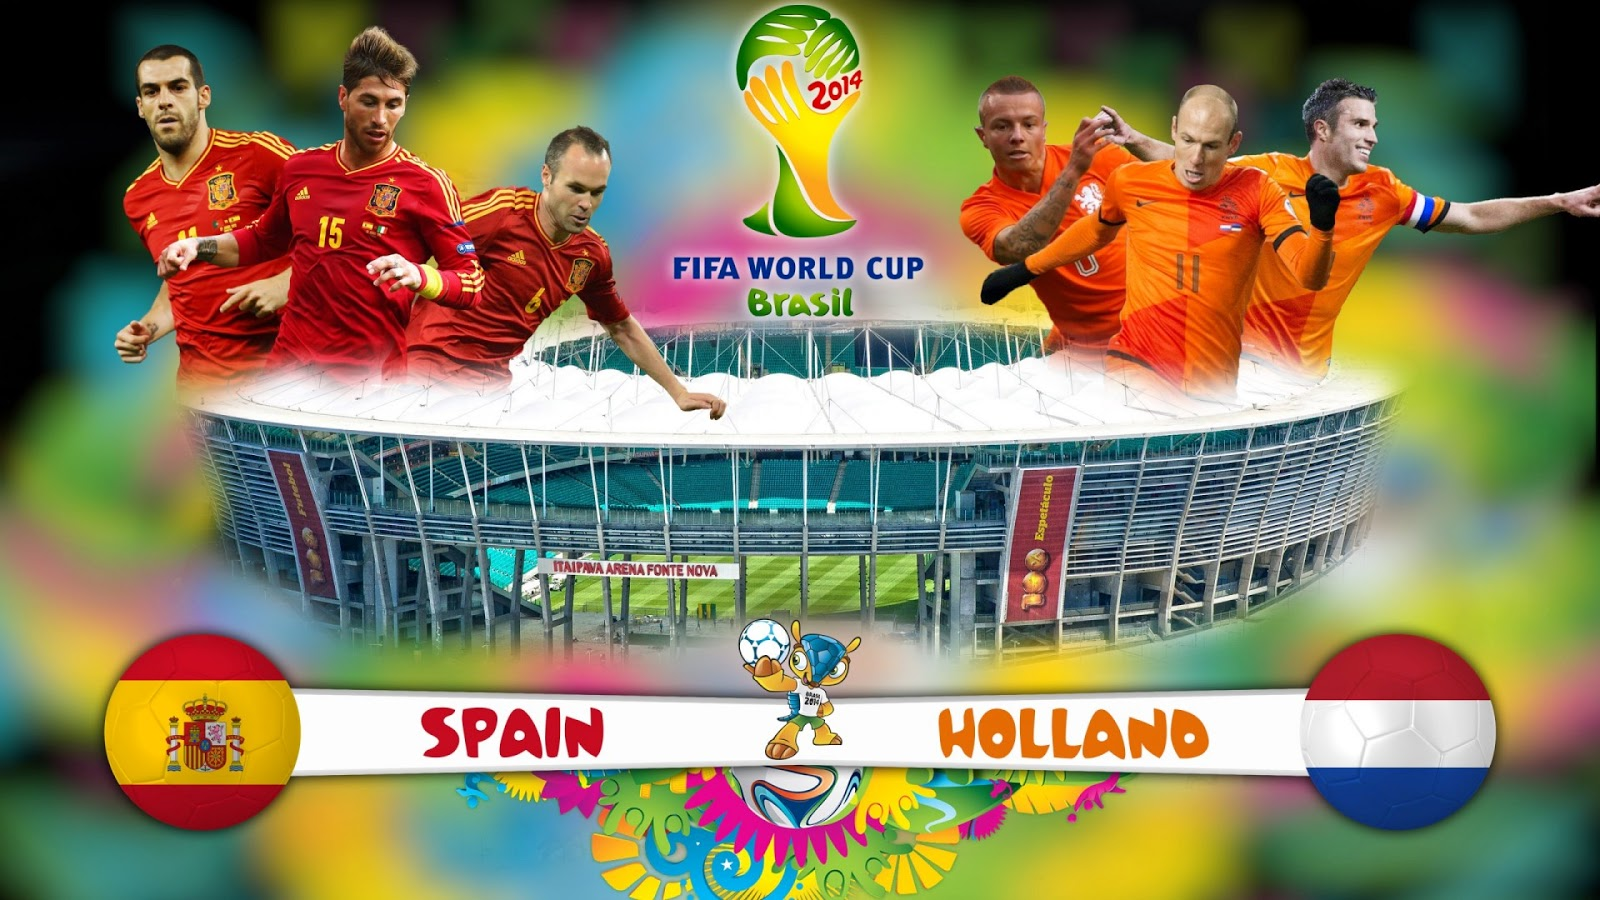 مشاهدة مباراة أسبانيا وهولندا علي بي أن سبورت HD بث مباشر مجانا أون لاين Netherlands vs Spain